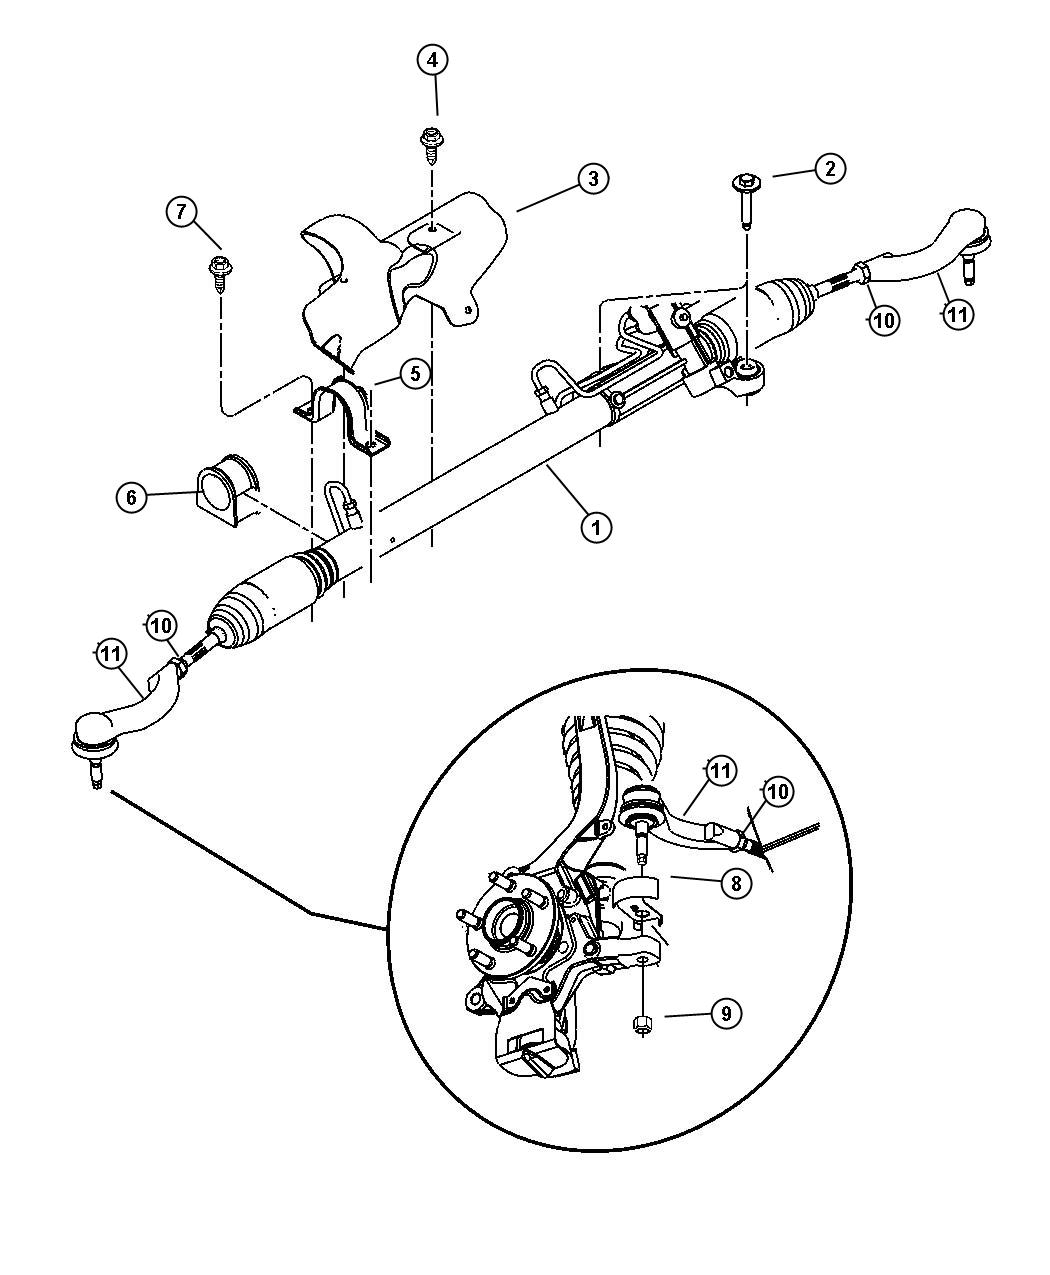 Dodge Stratus Gear Power Steering Steering